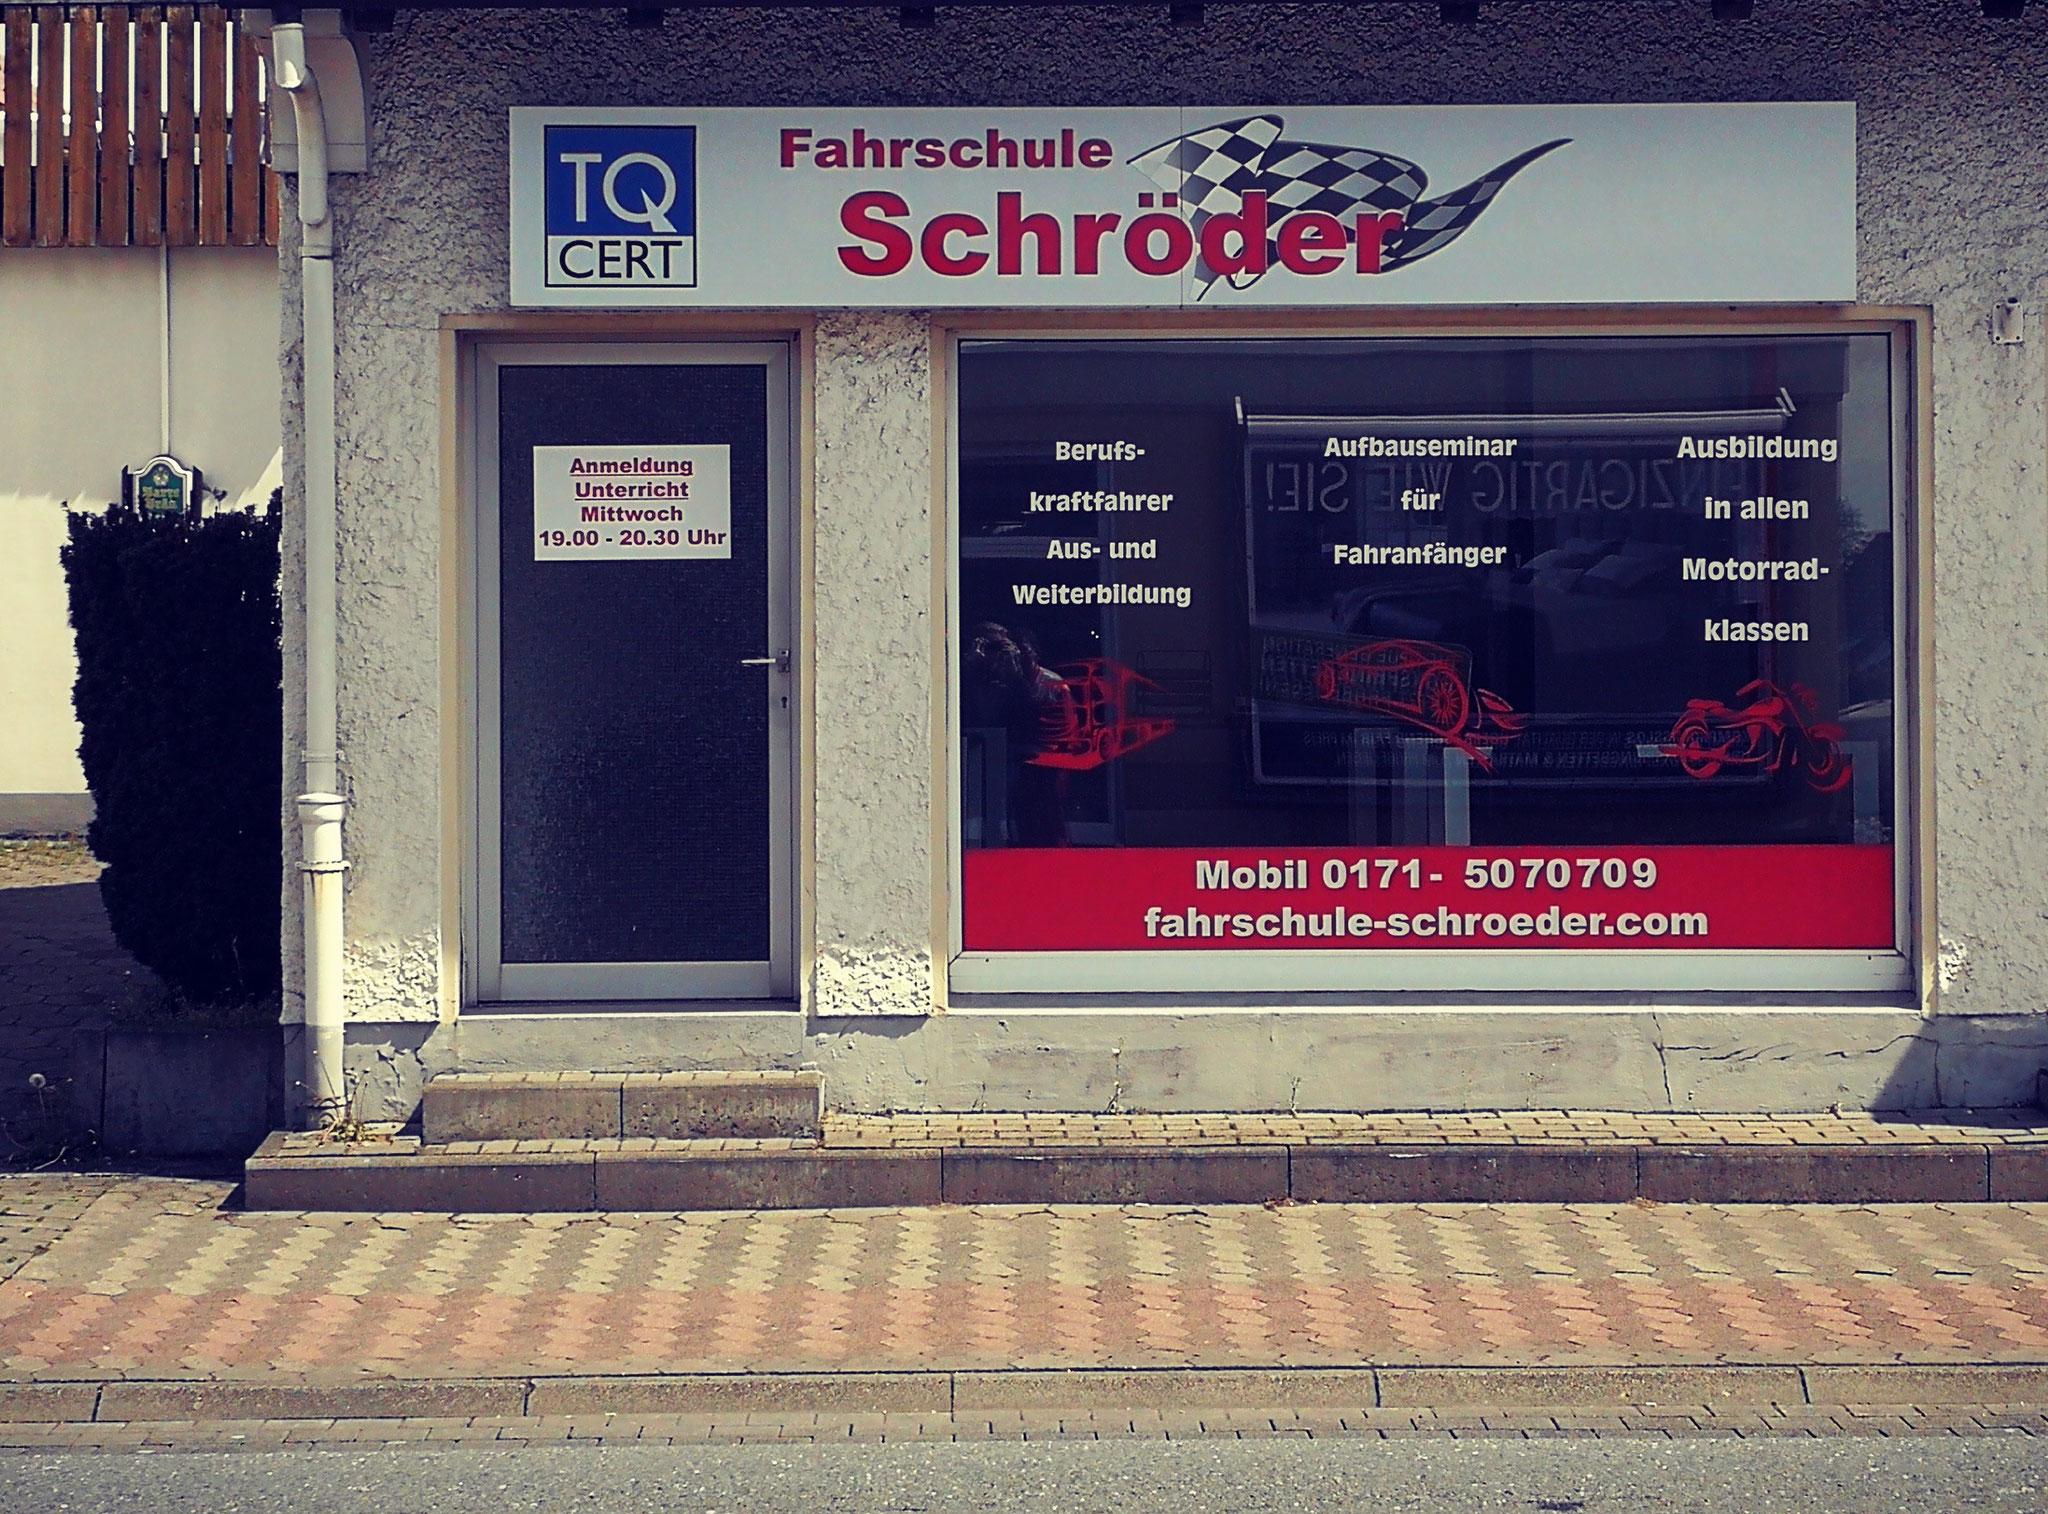 In Bünde ist unsere Fahrschule gleich zwei Mal vertreten - mit der Hauptgeschäftsstelle und dieser Zweigstelle.